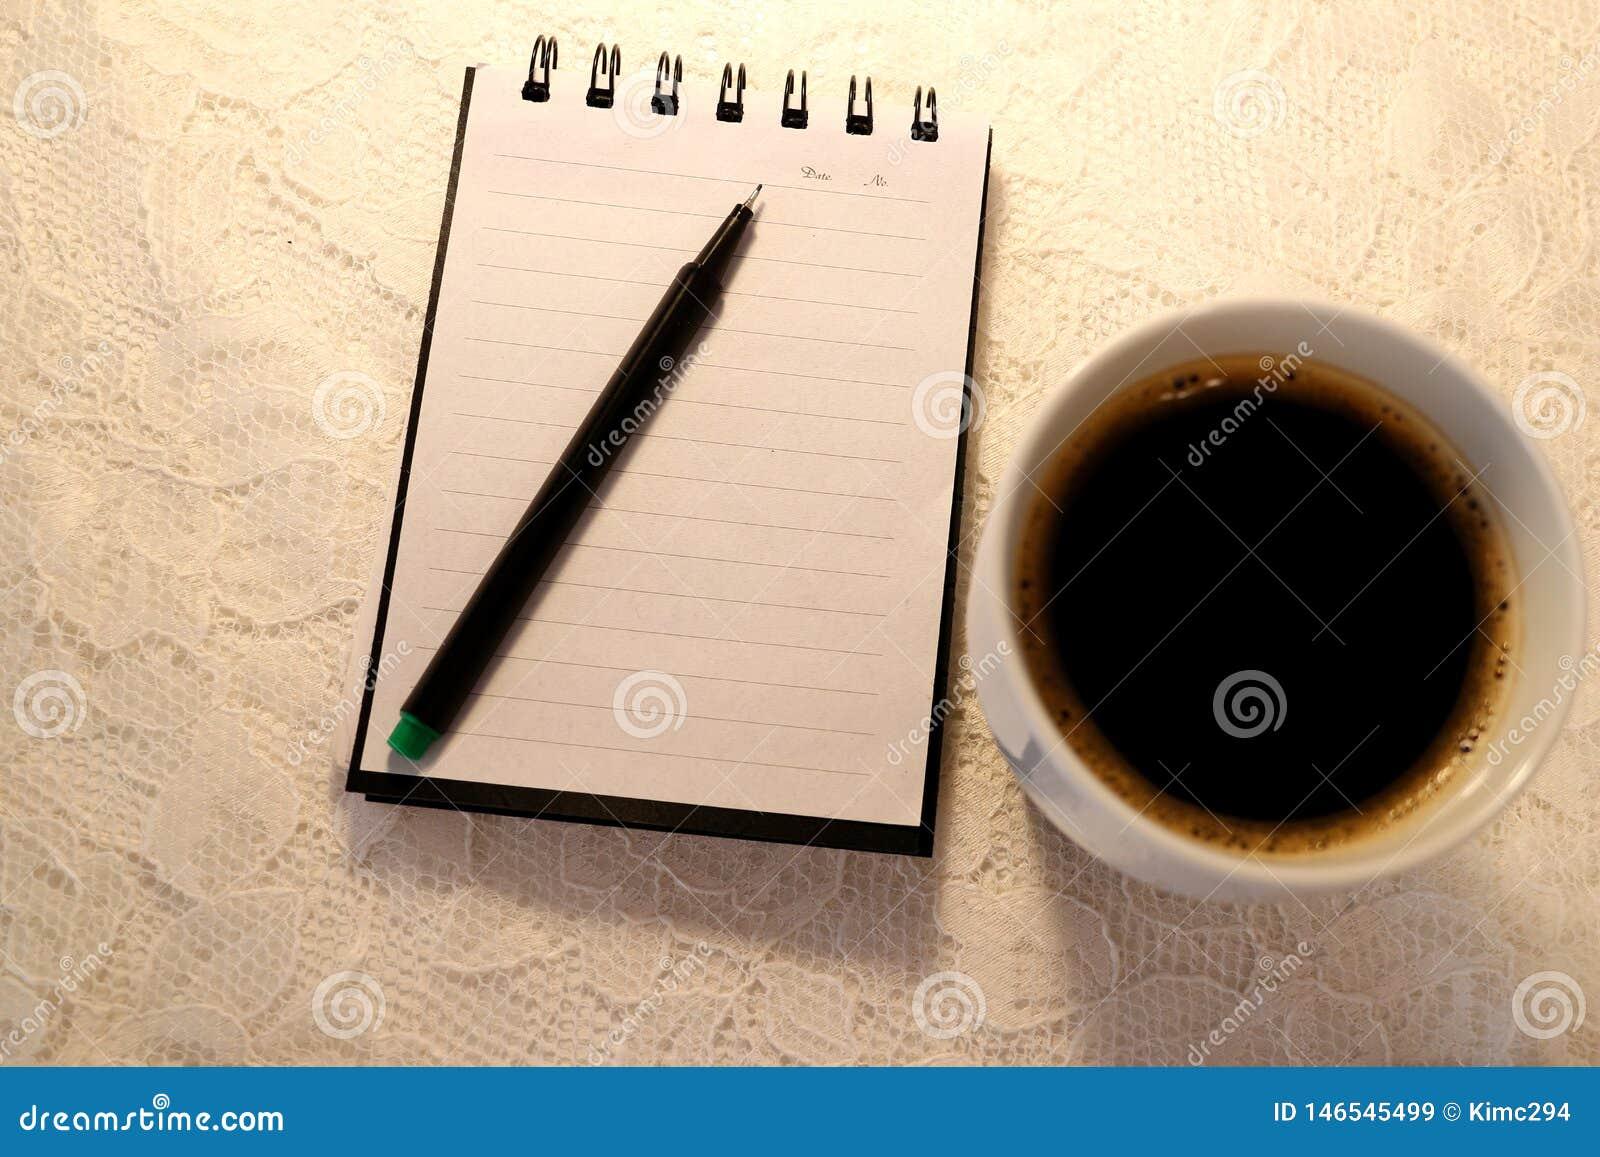 Uma pena sentida verde encontra-se sobre um caderno aberto Um copo de suportes frescos do café preto no lado